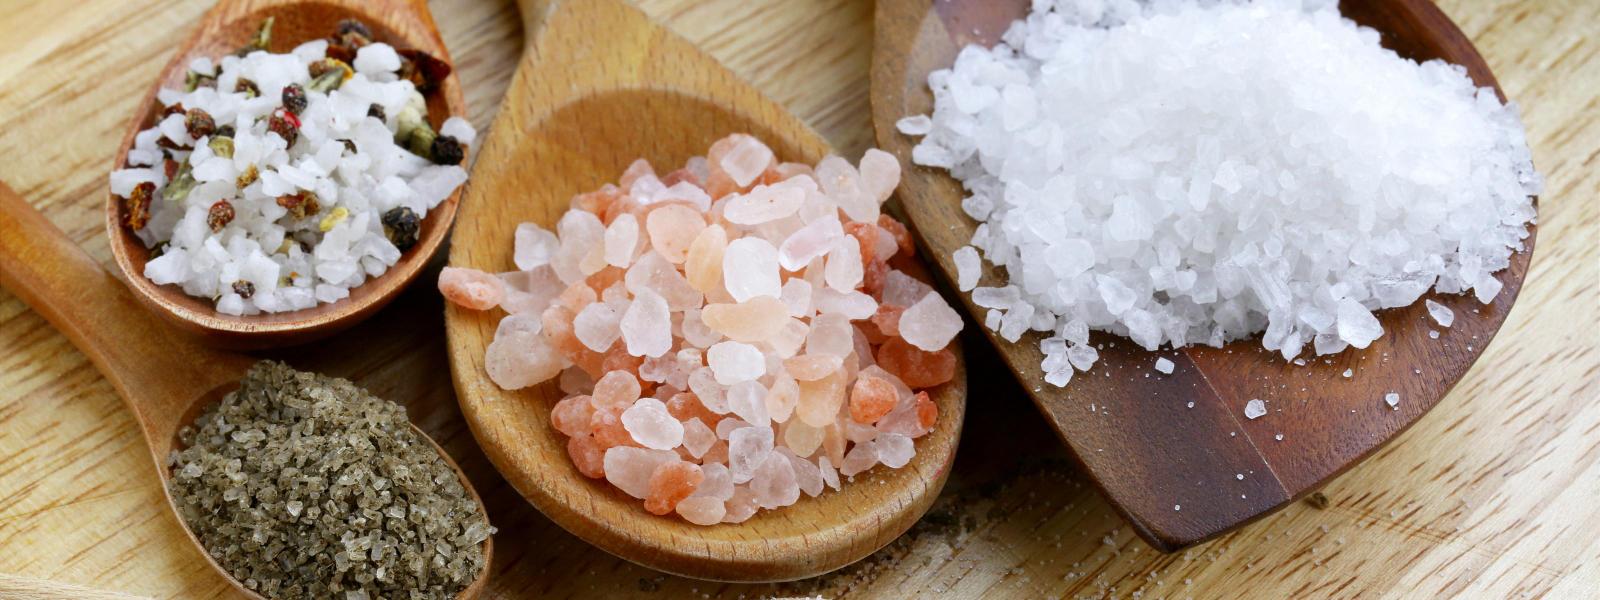 Photo of various salts